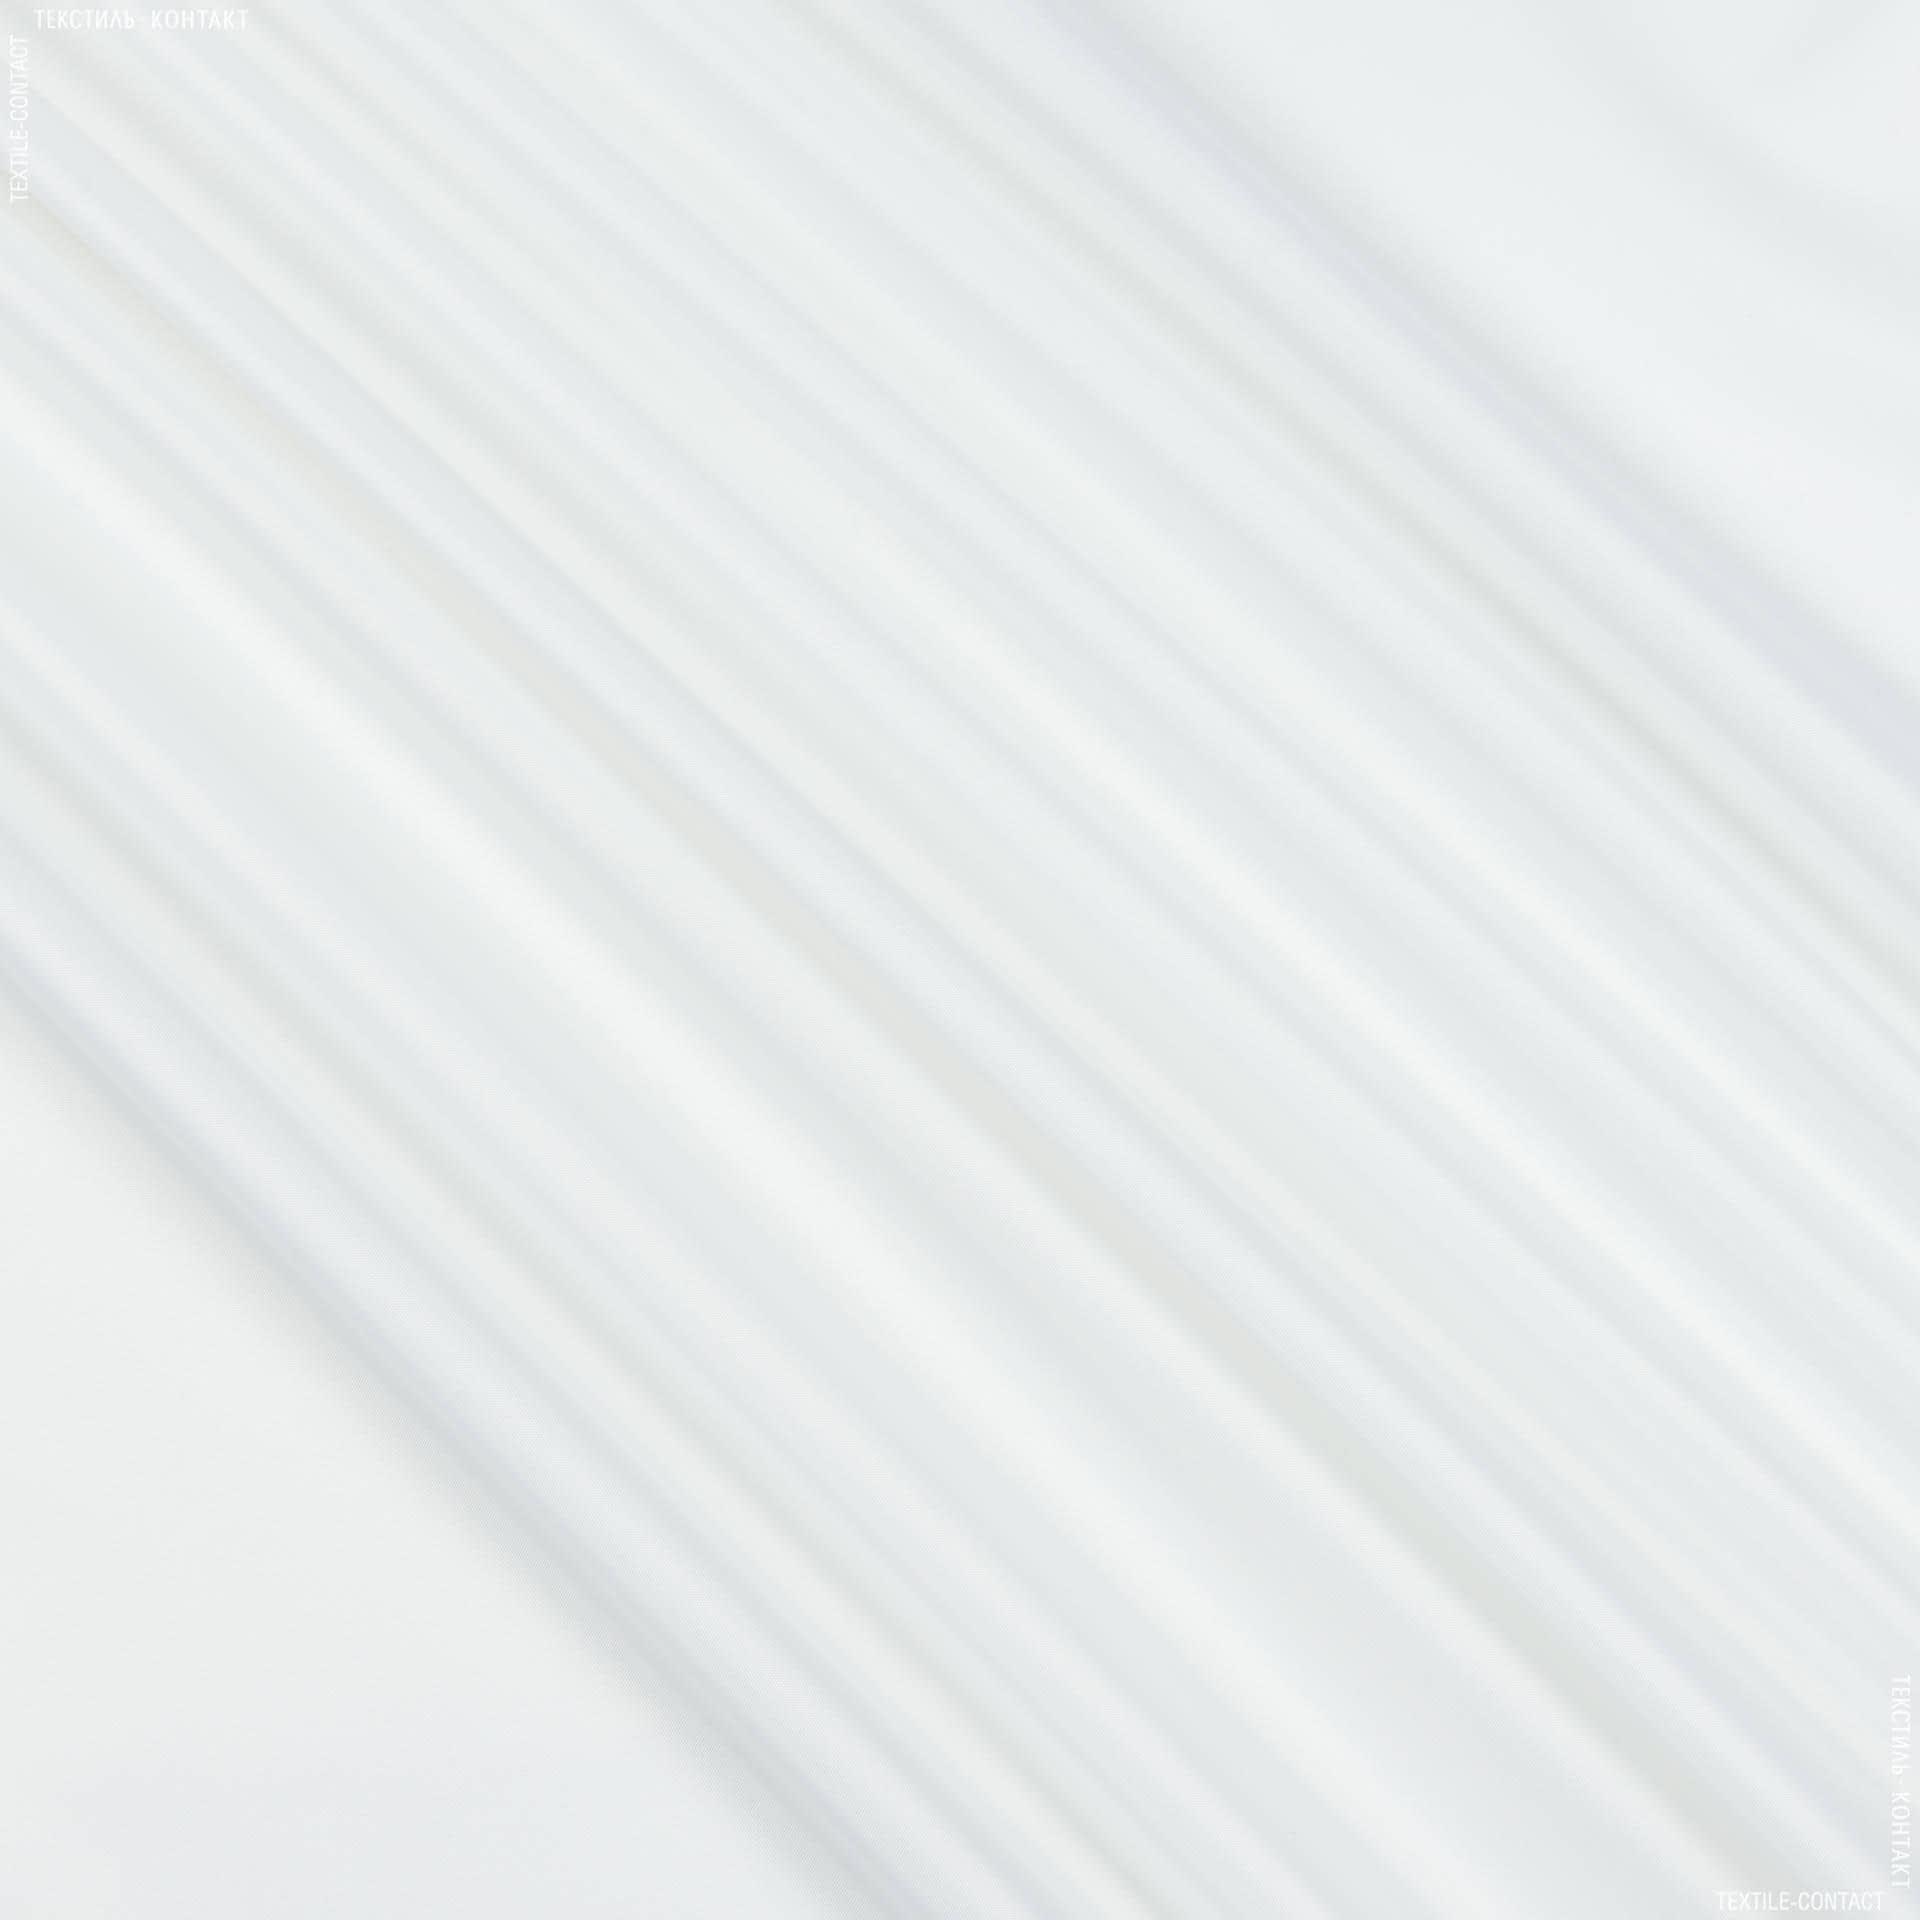 Тканини для рюкзаків - Оксфорд 110 білий